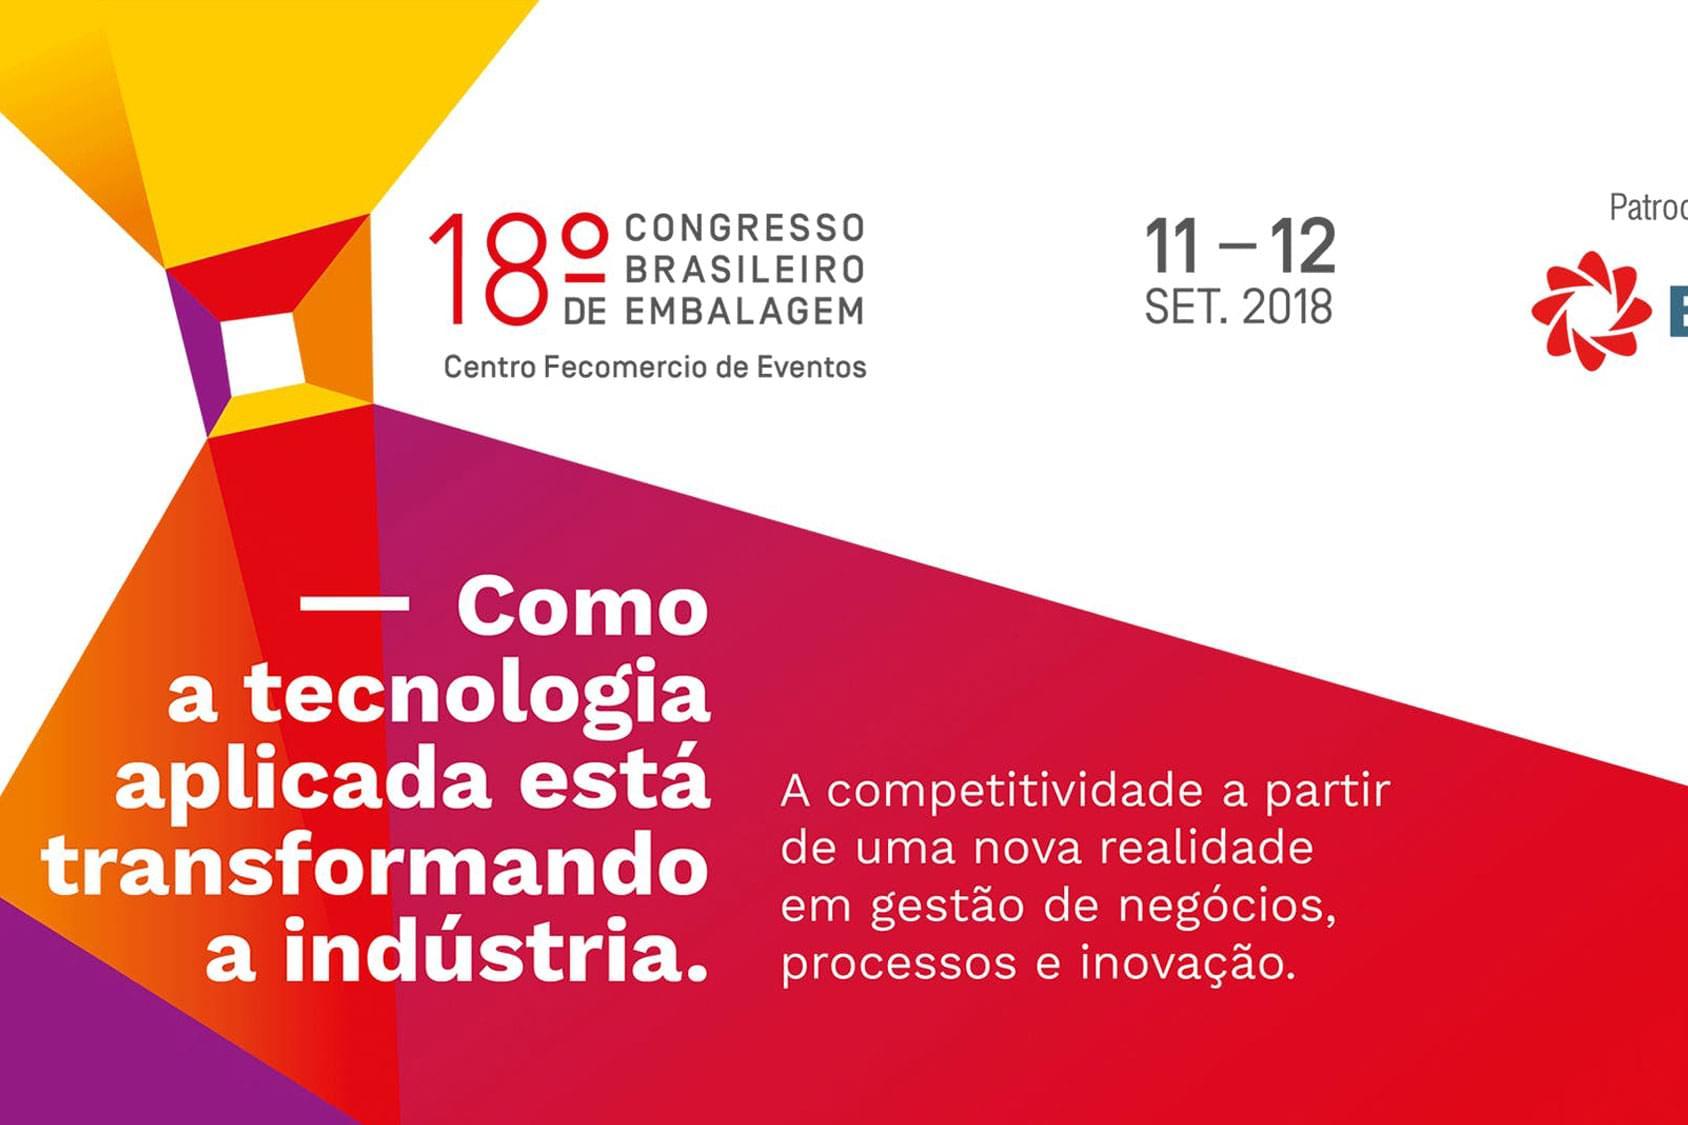 Congresso Brasileiro de Embalagens